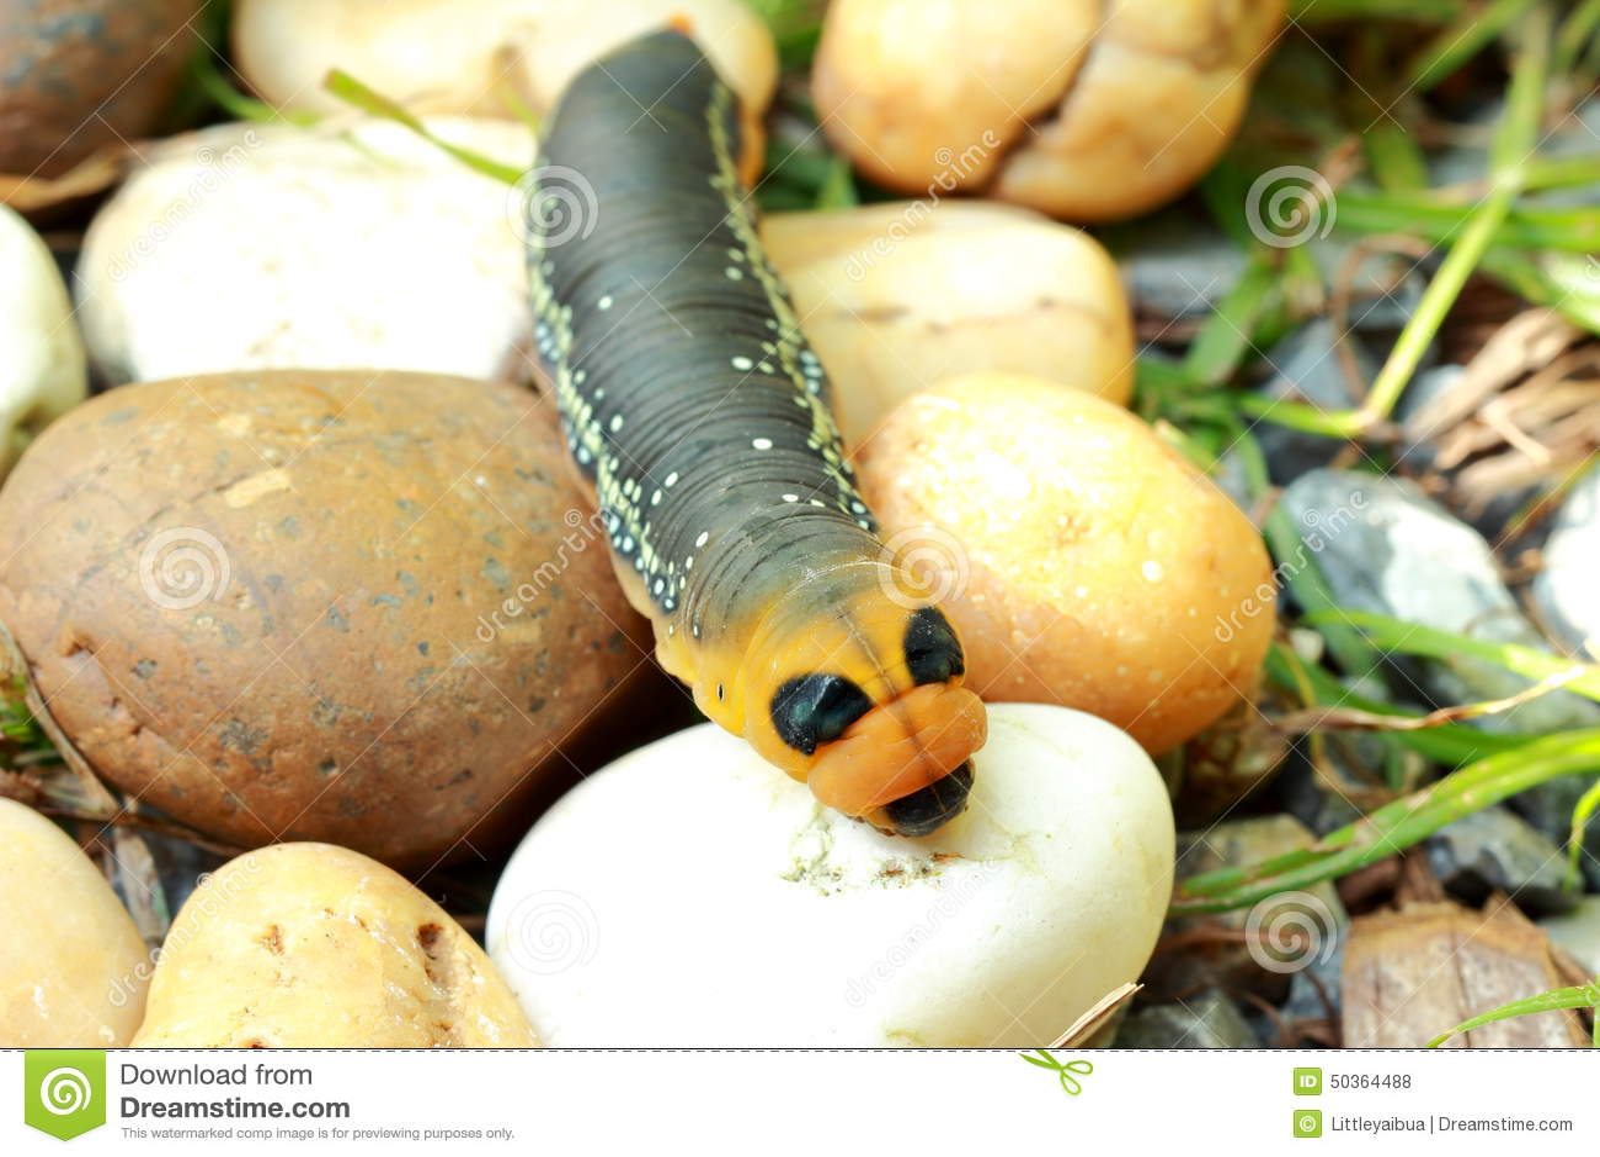 Chenille jaune et noire dans le jardin photo stock image 50364488 - Chenille jaune et noire danger ...